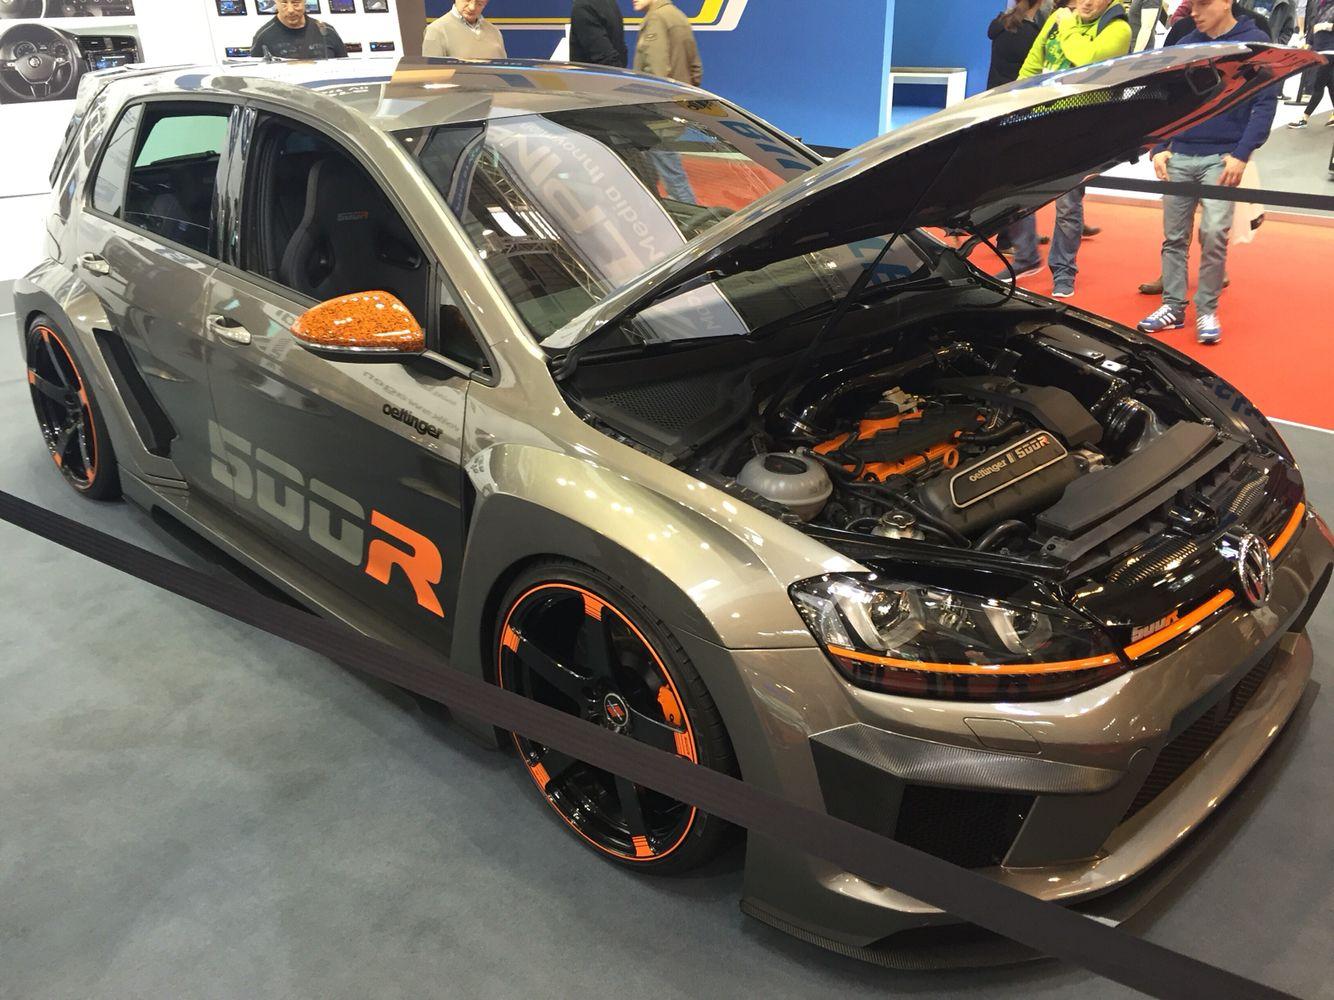 vw golf 500r at essen motorshow cars pinterest essen vw and cars. Black Bedroom Furniture Sets. Home Design Ideas